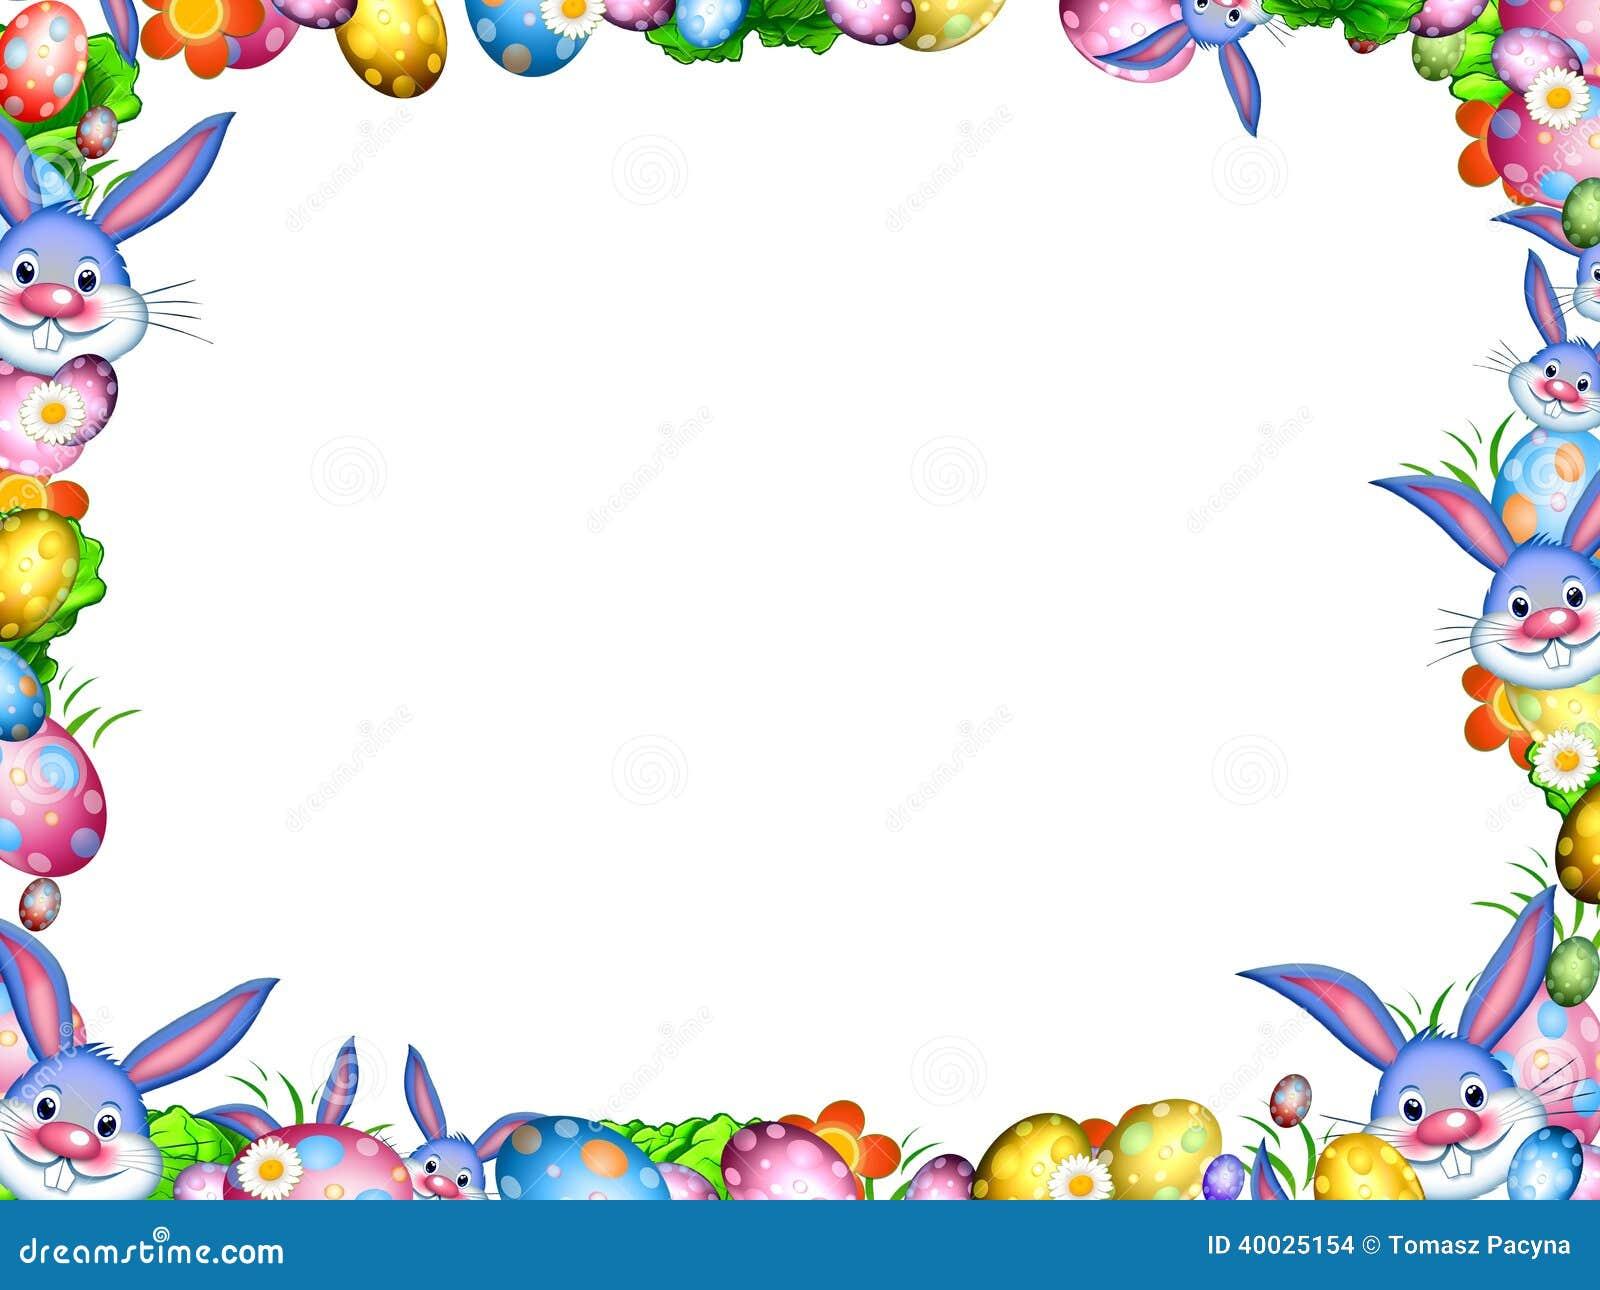 osterhasen mit bunten eiern und blumen fassen rahmen ein stock abbildung illustration von spa. Black Bedroom Furniture Sets. Home Design Ideas